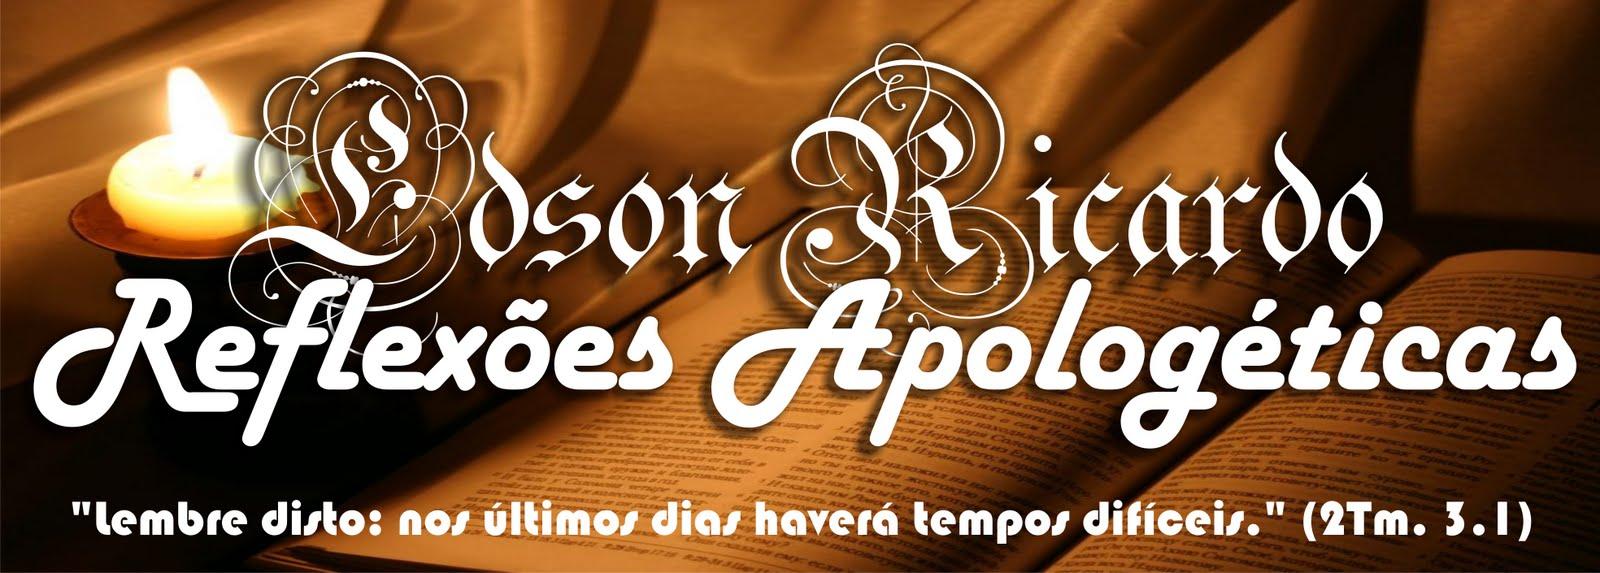 Edson Ricardo